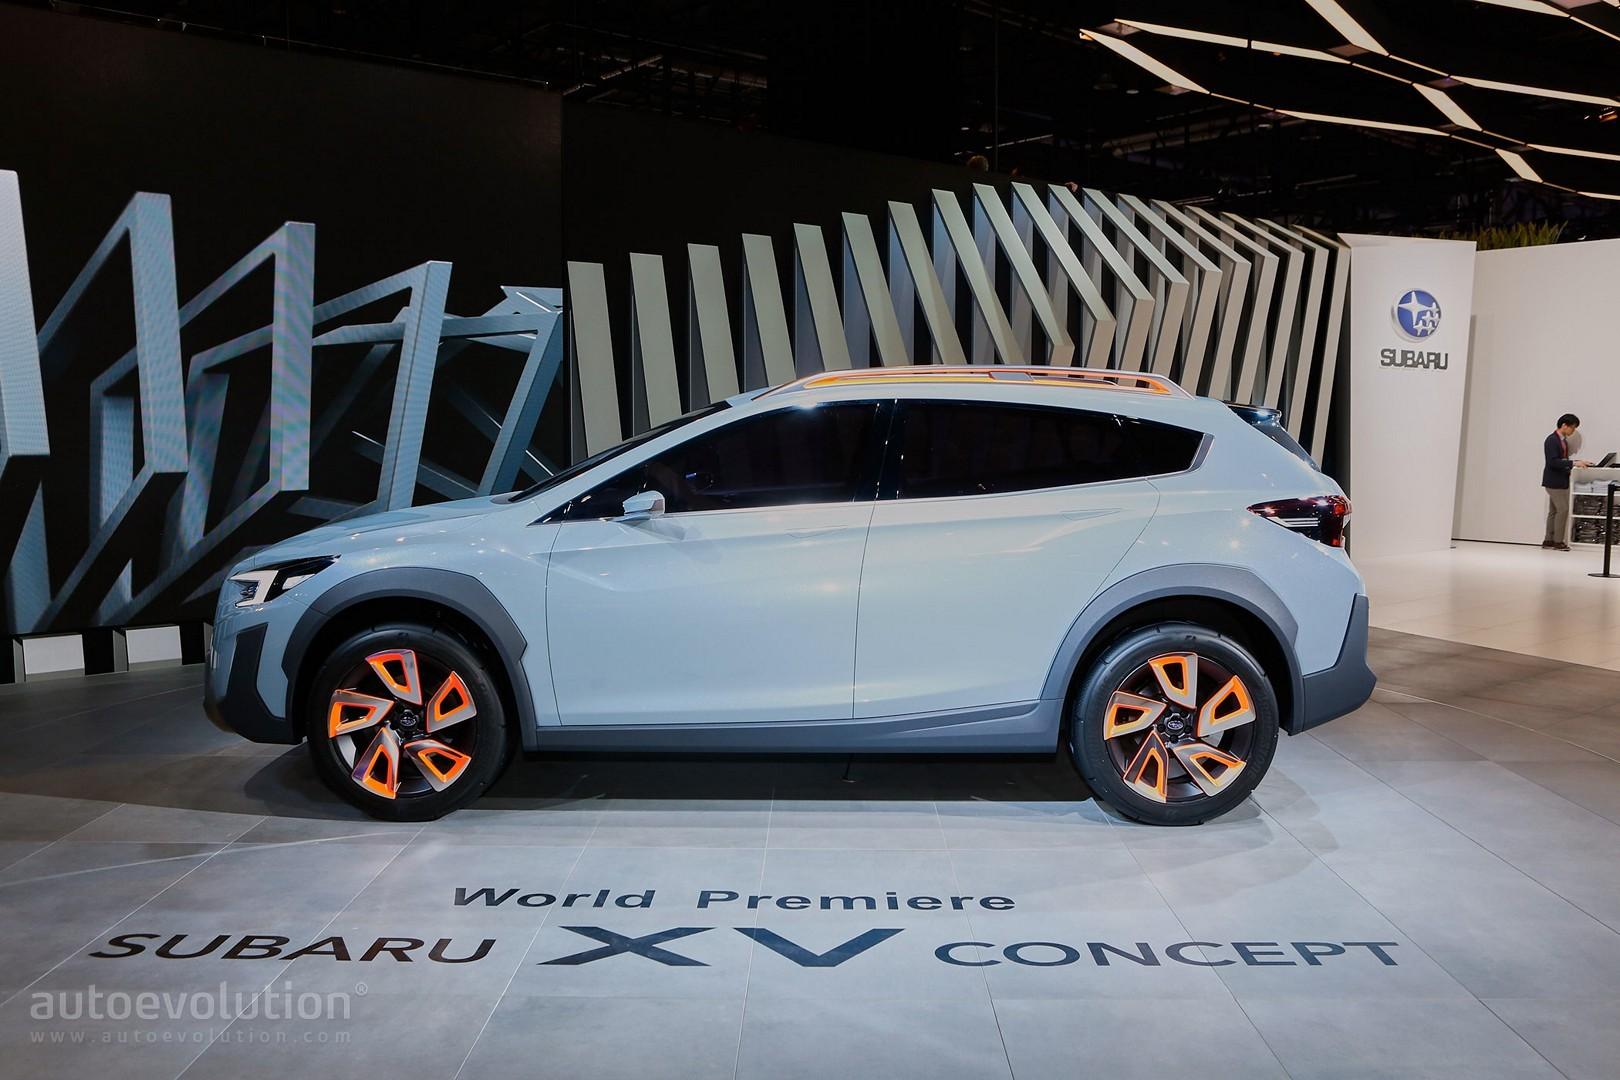 2017 Subaru XV / Crosstrek Previewed by This Rugged ...